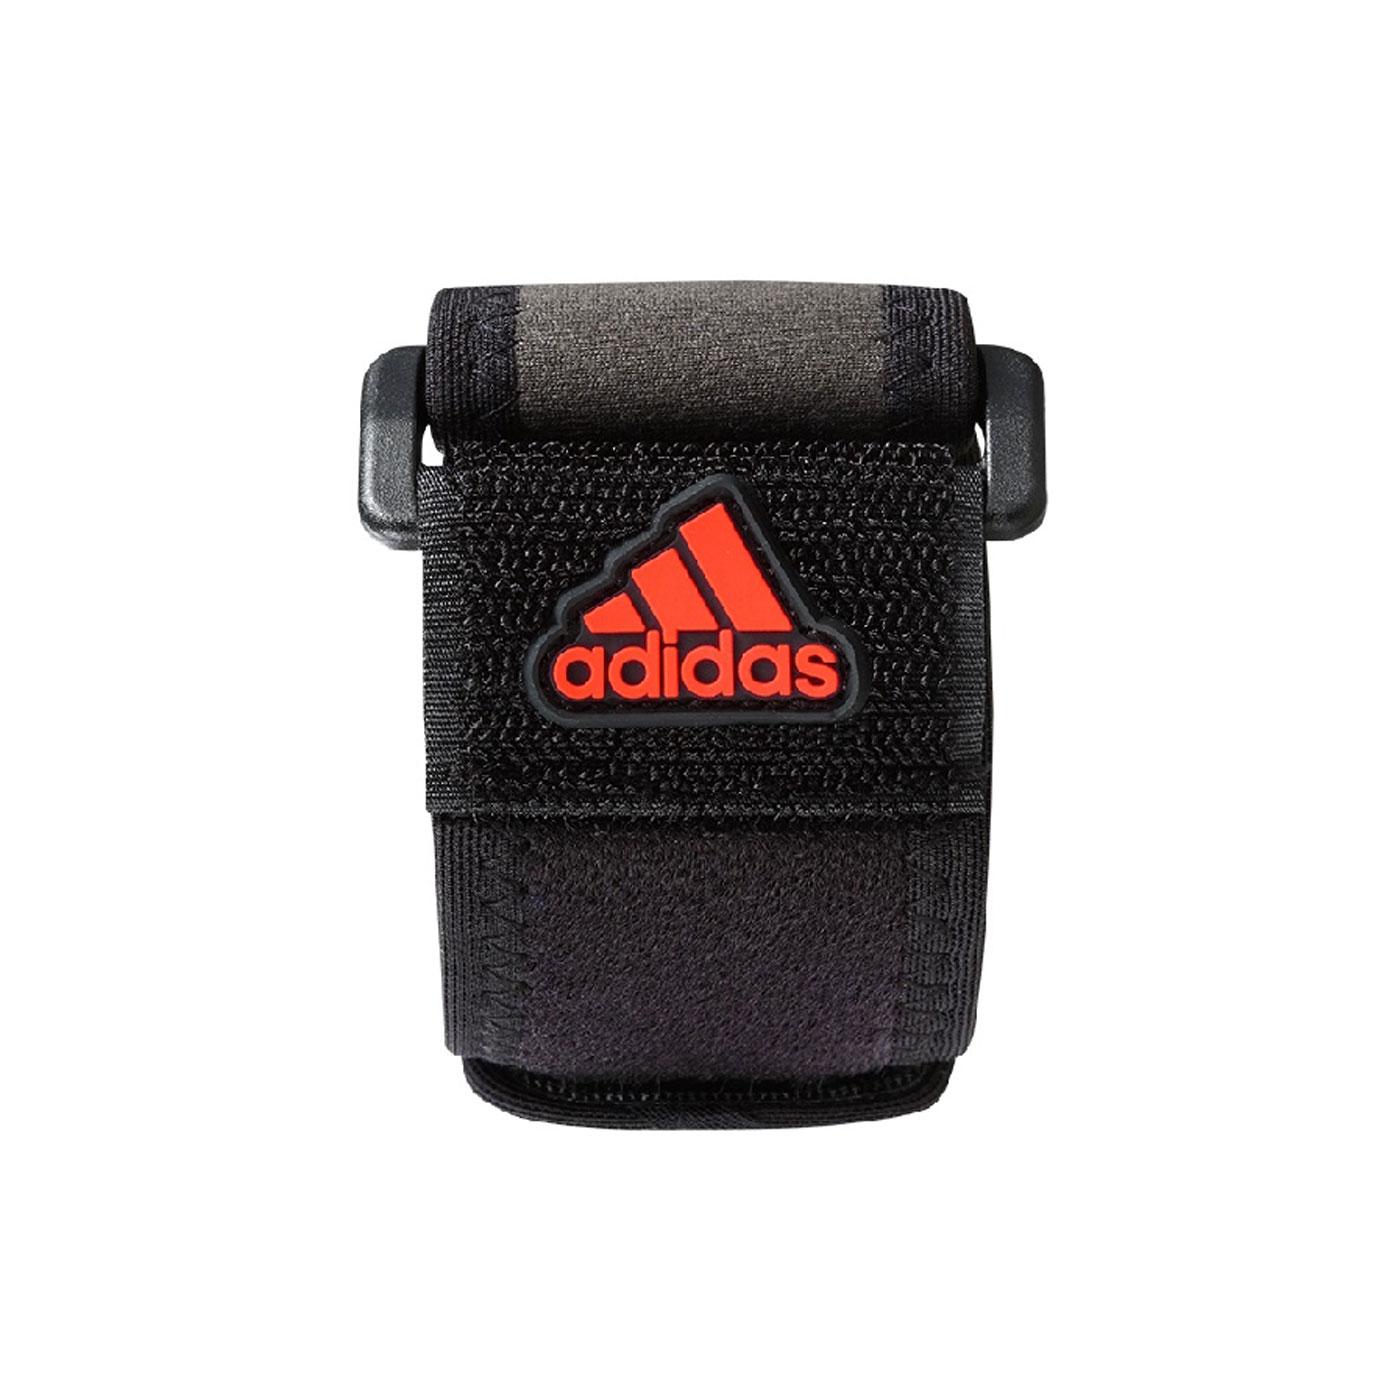 ADIDAS護具 特定-運動肘束帶 MB0221 - 黑橘